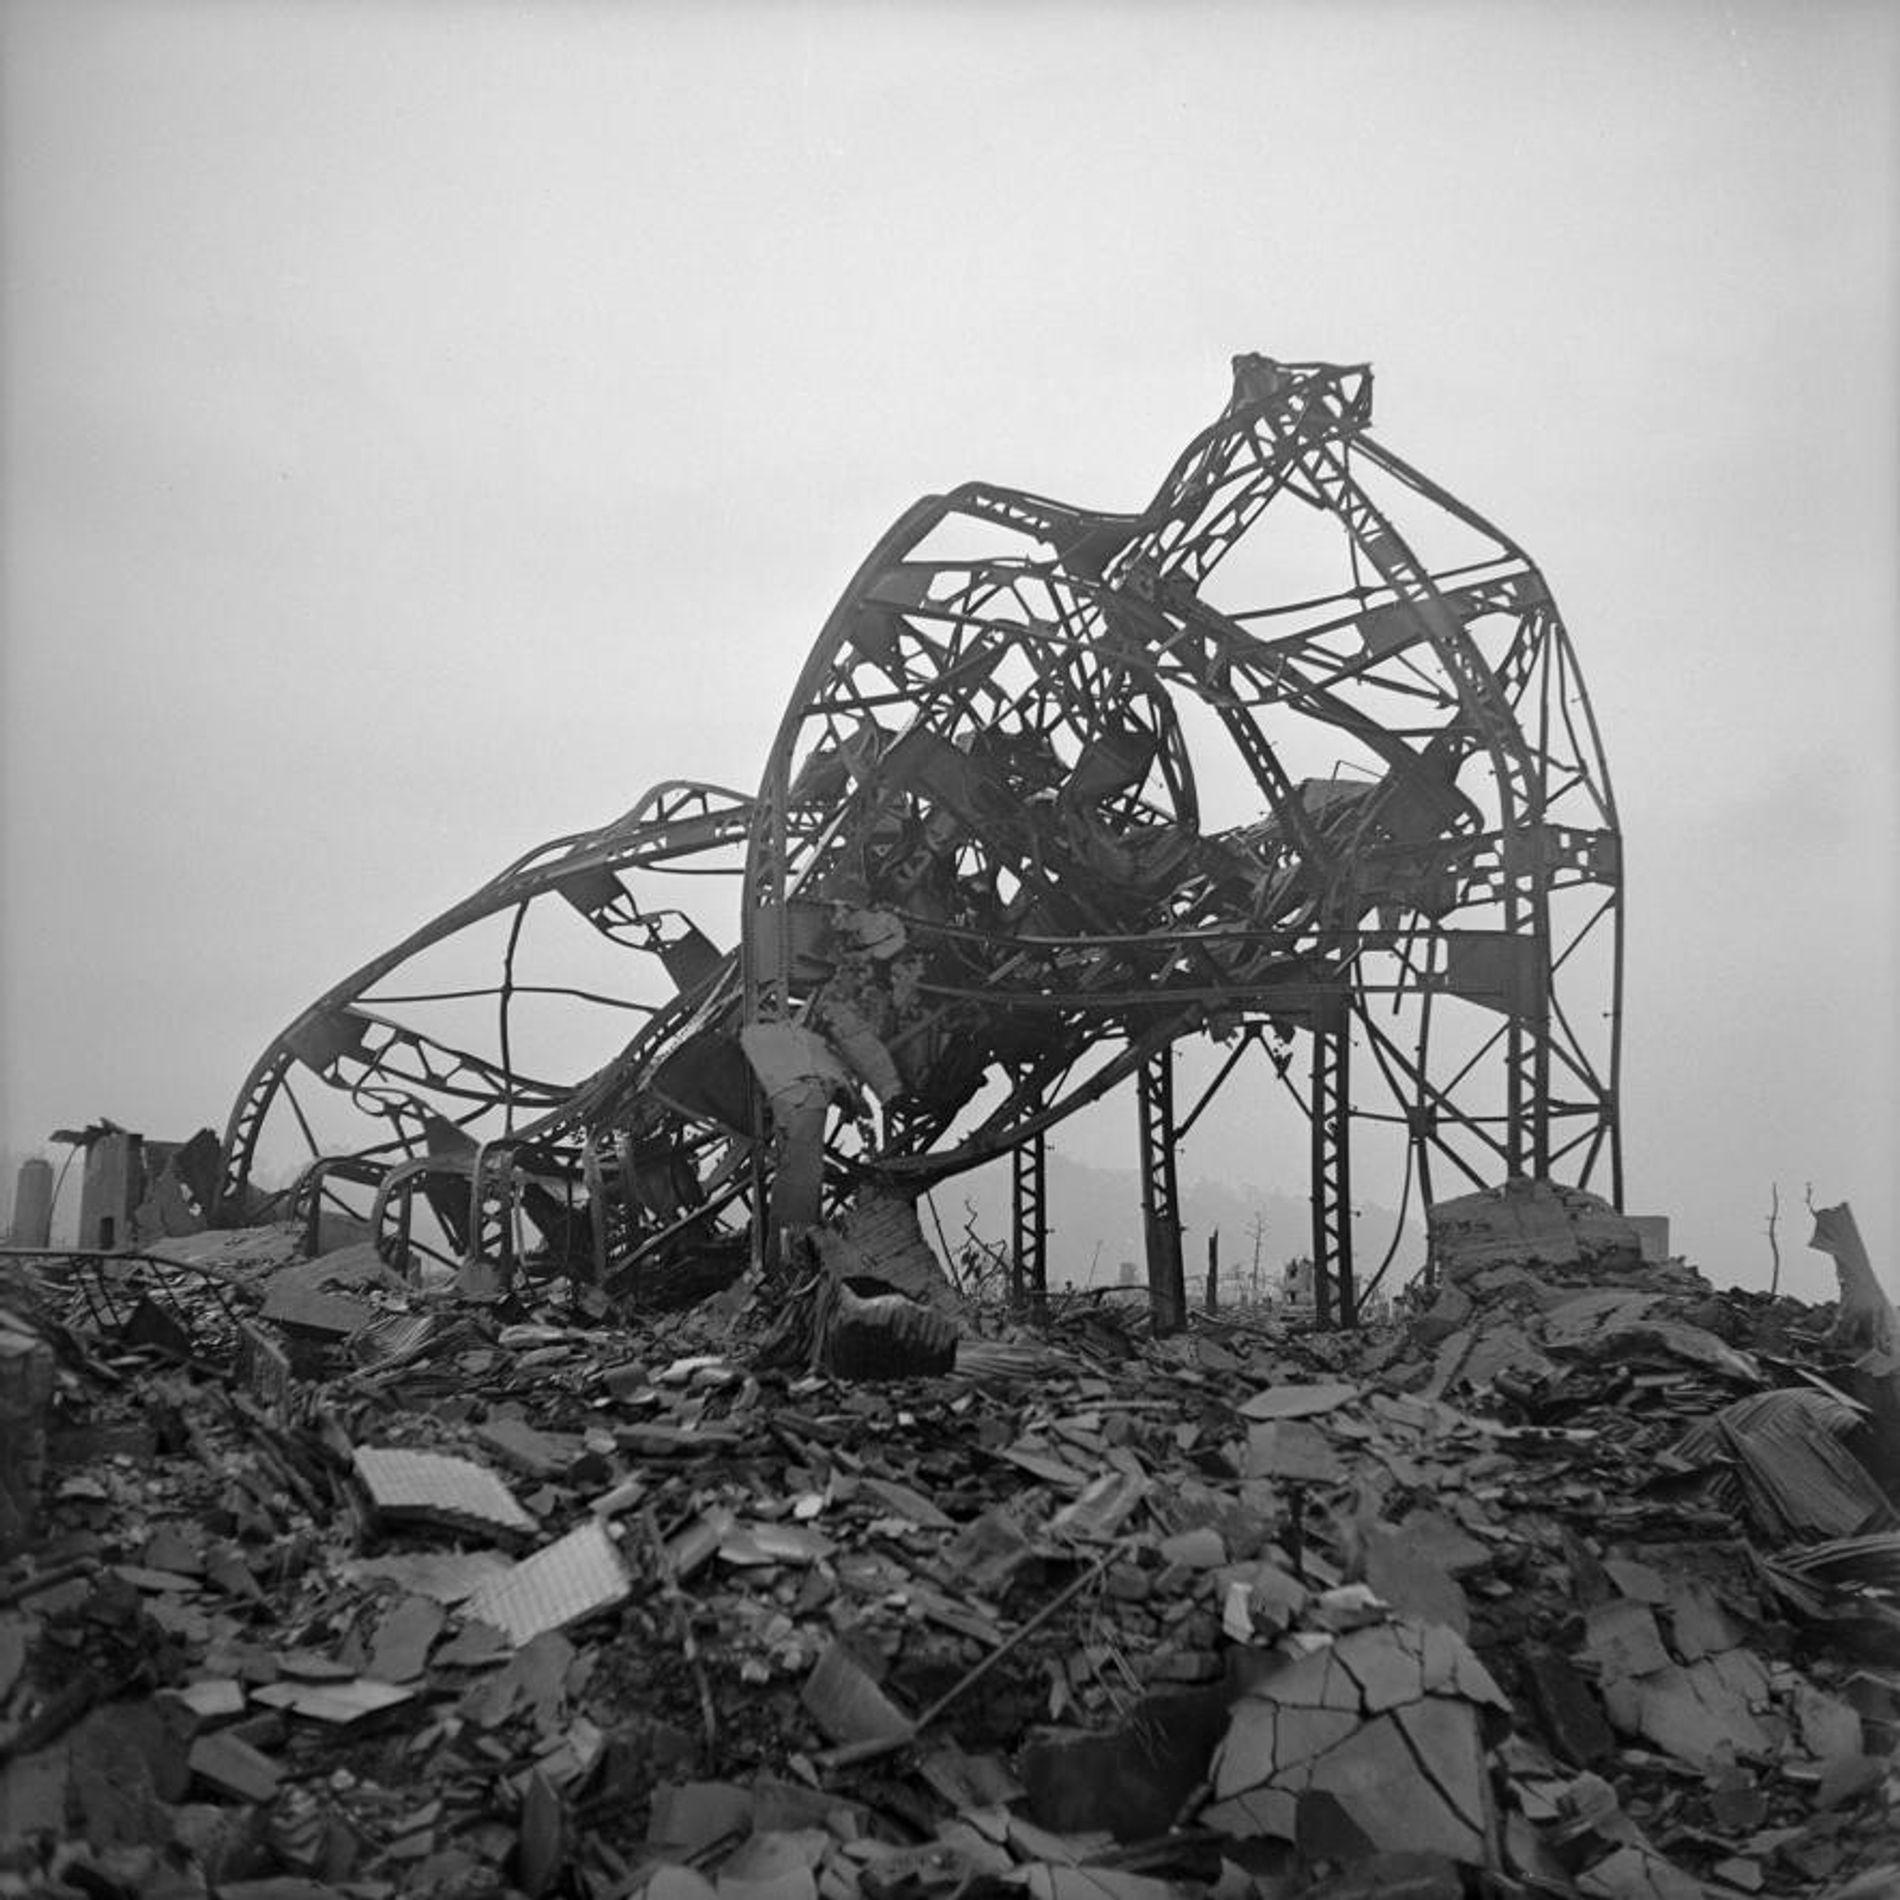 HIROSHIMA, fin 1945. Les ruines d'un théâtre surplombent les décombres à 900 mètres de l'épicentre de ...